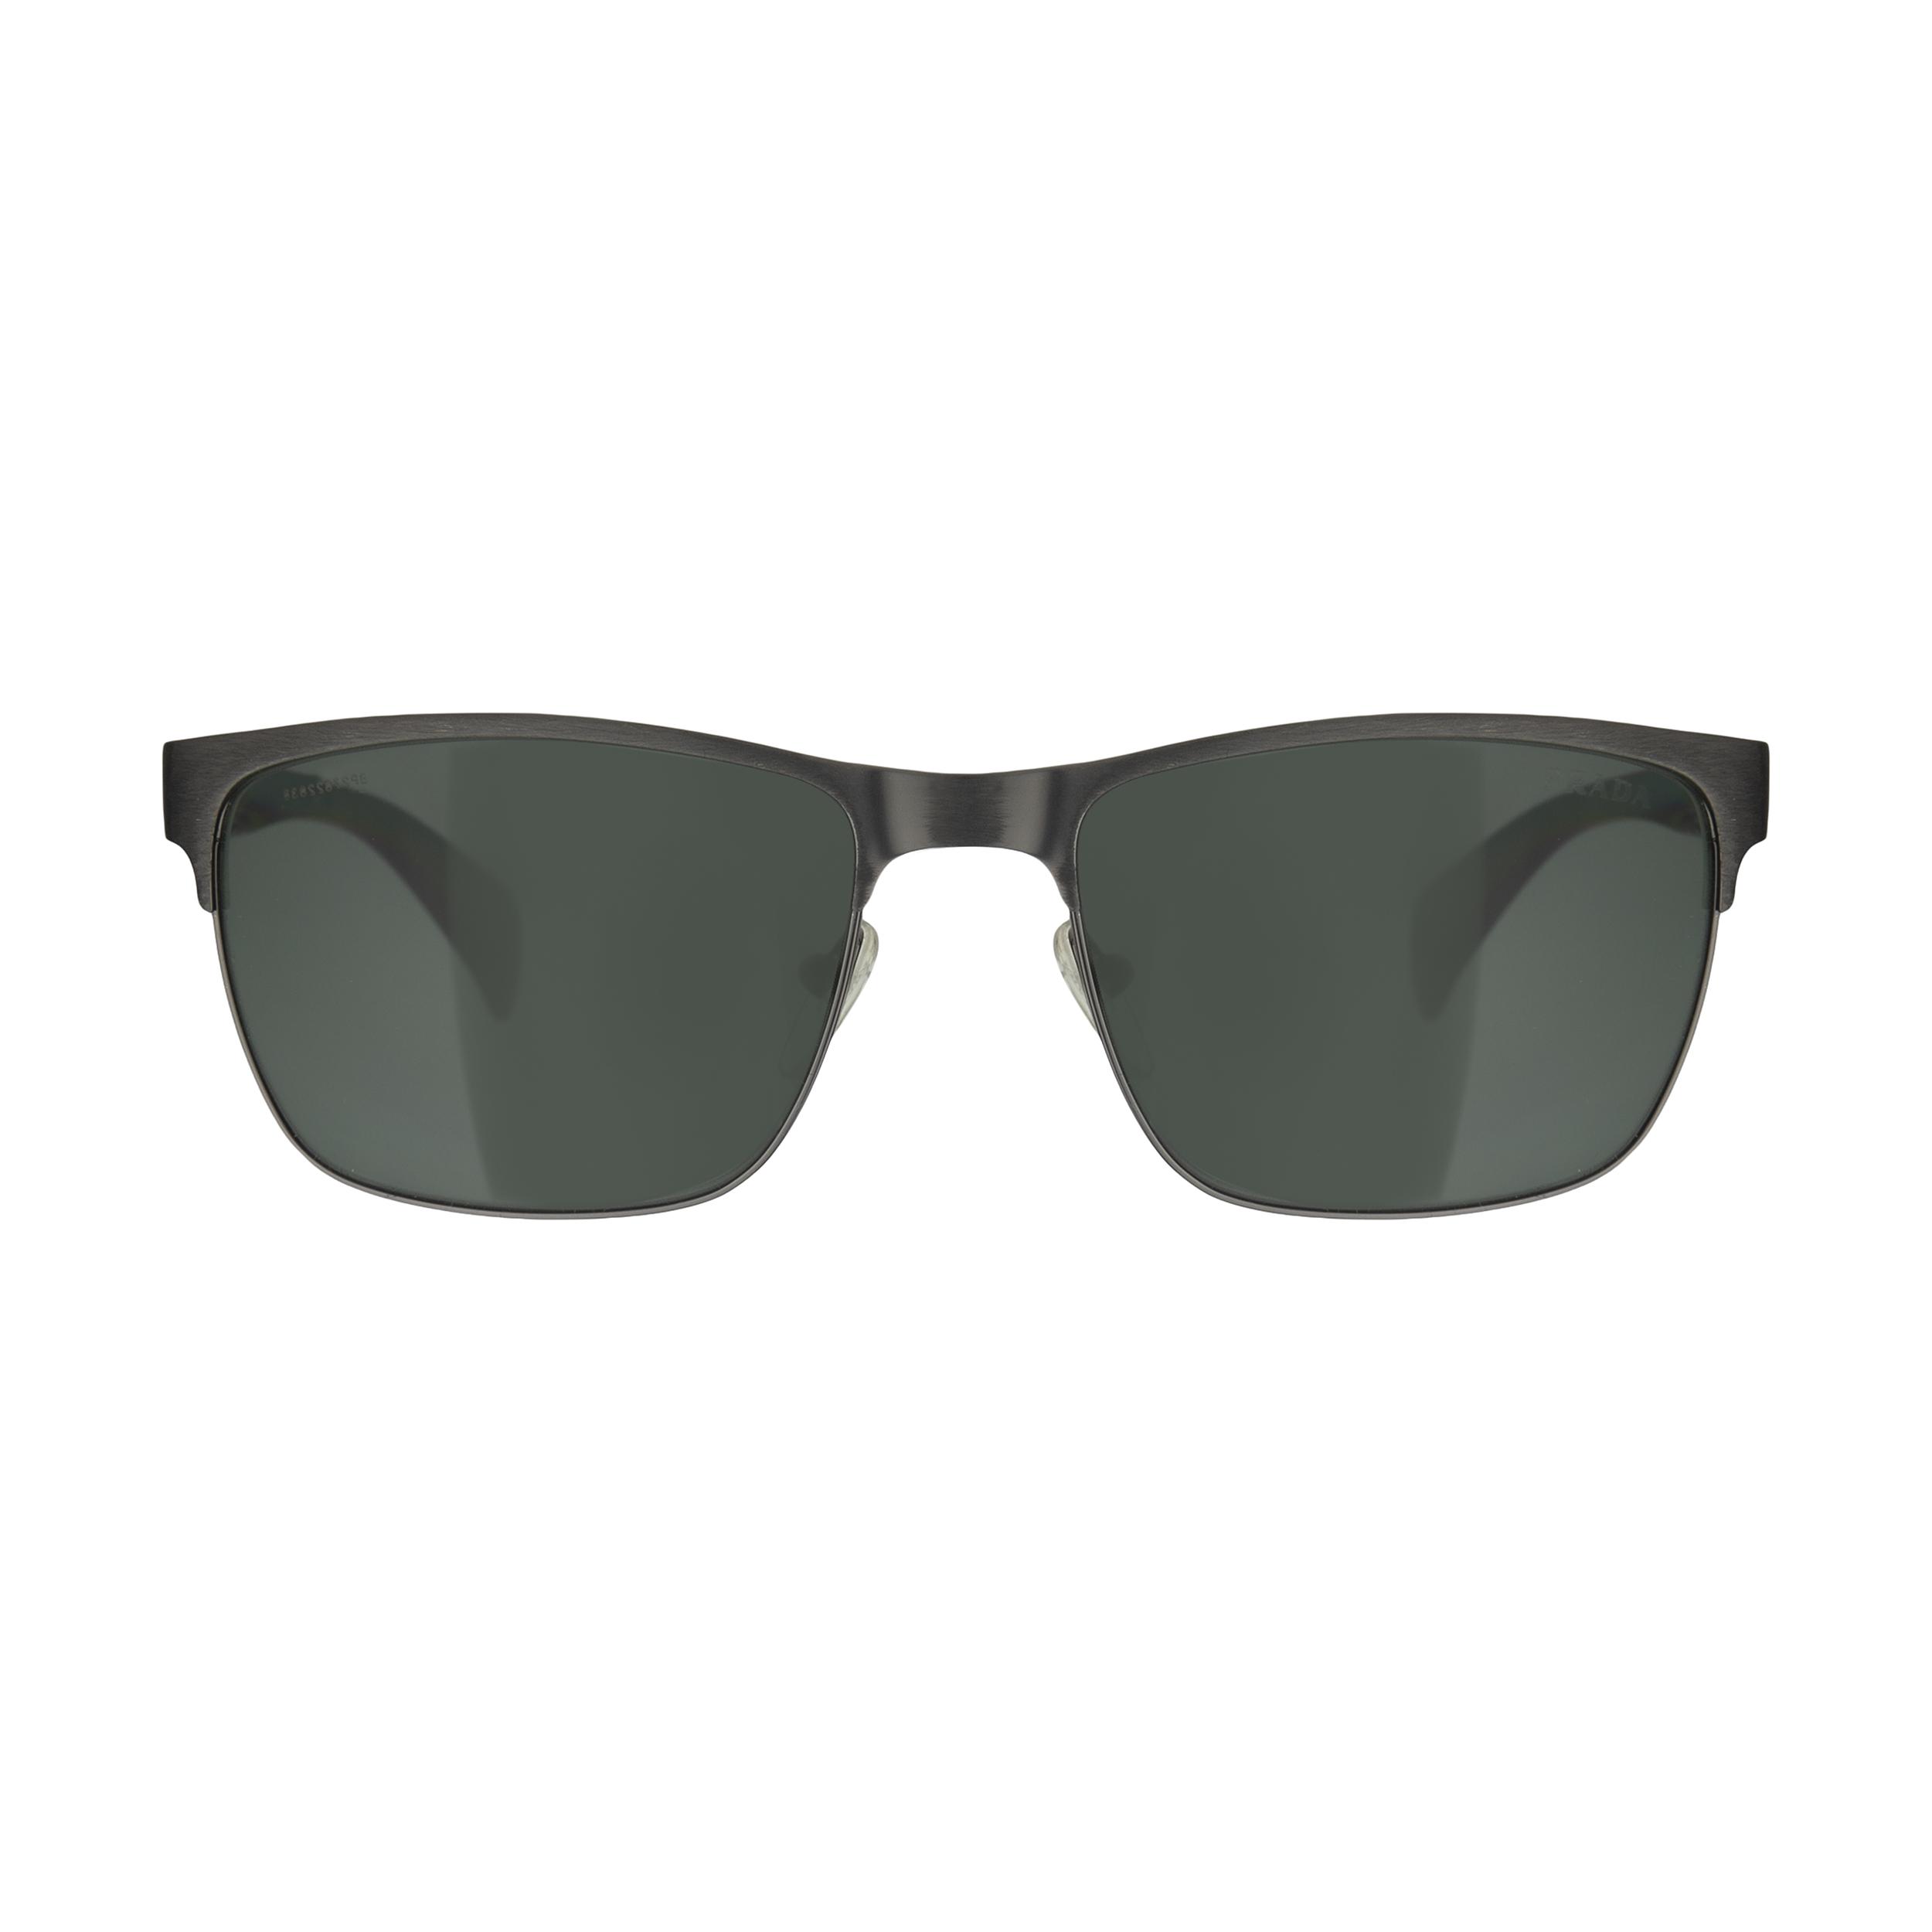 عینک آفتابی مردانه پرادا مدل PR051OS DHG3O1-58